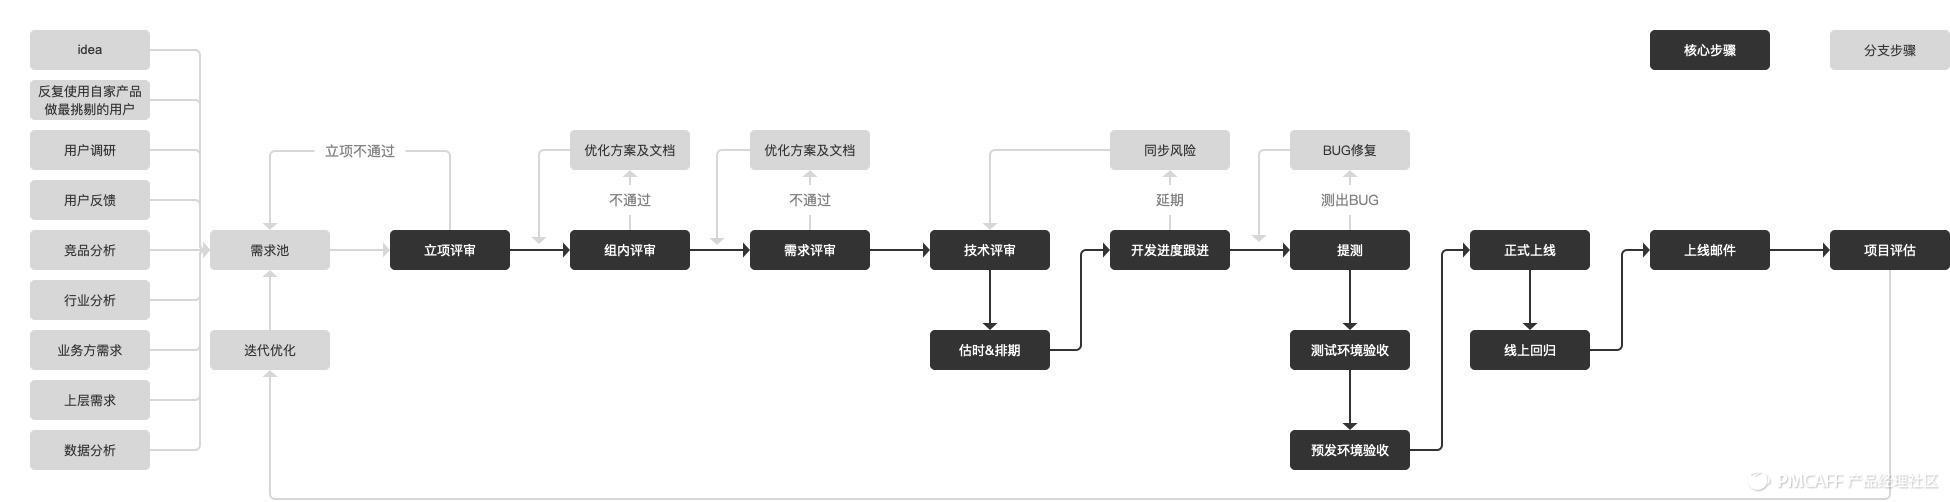 产品经理工作流.jpg